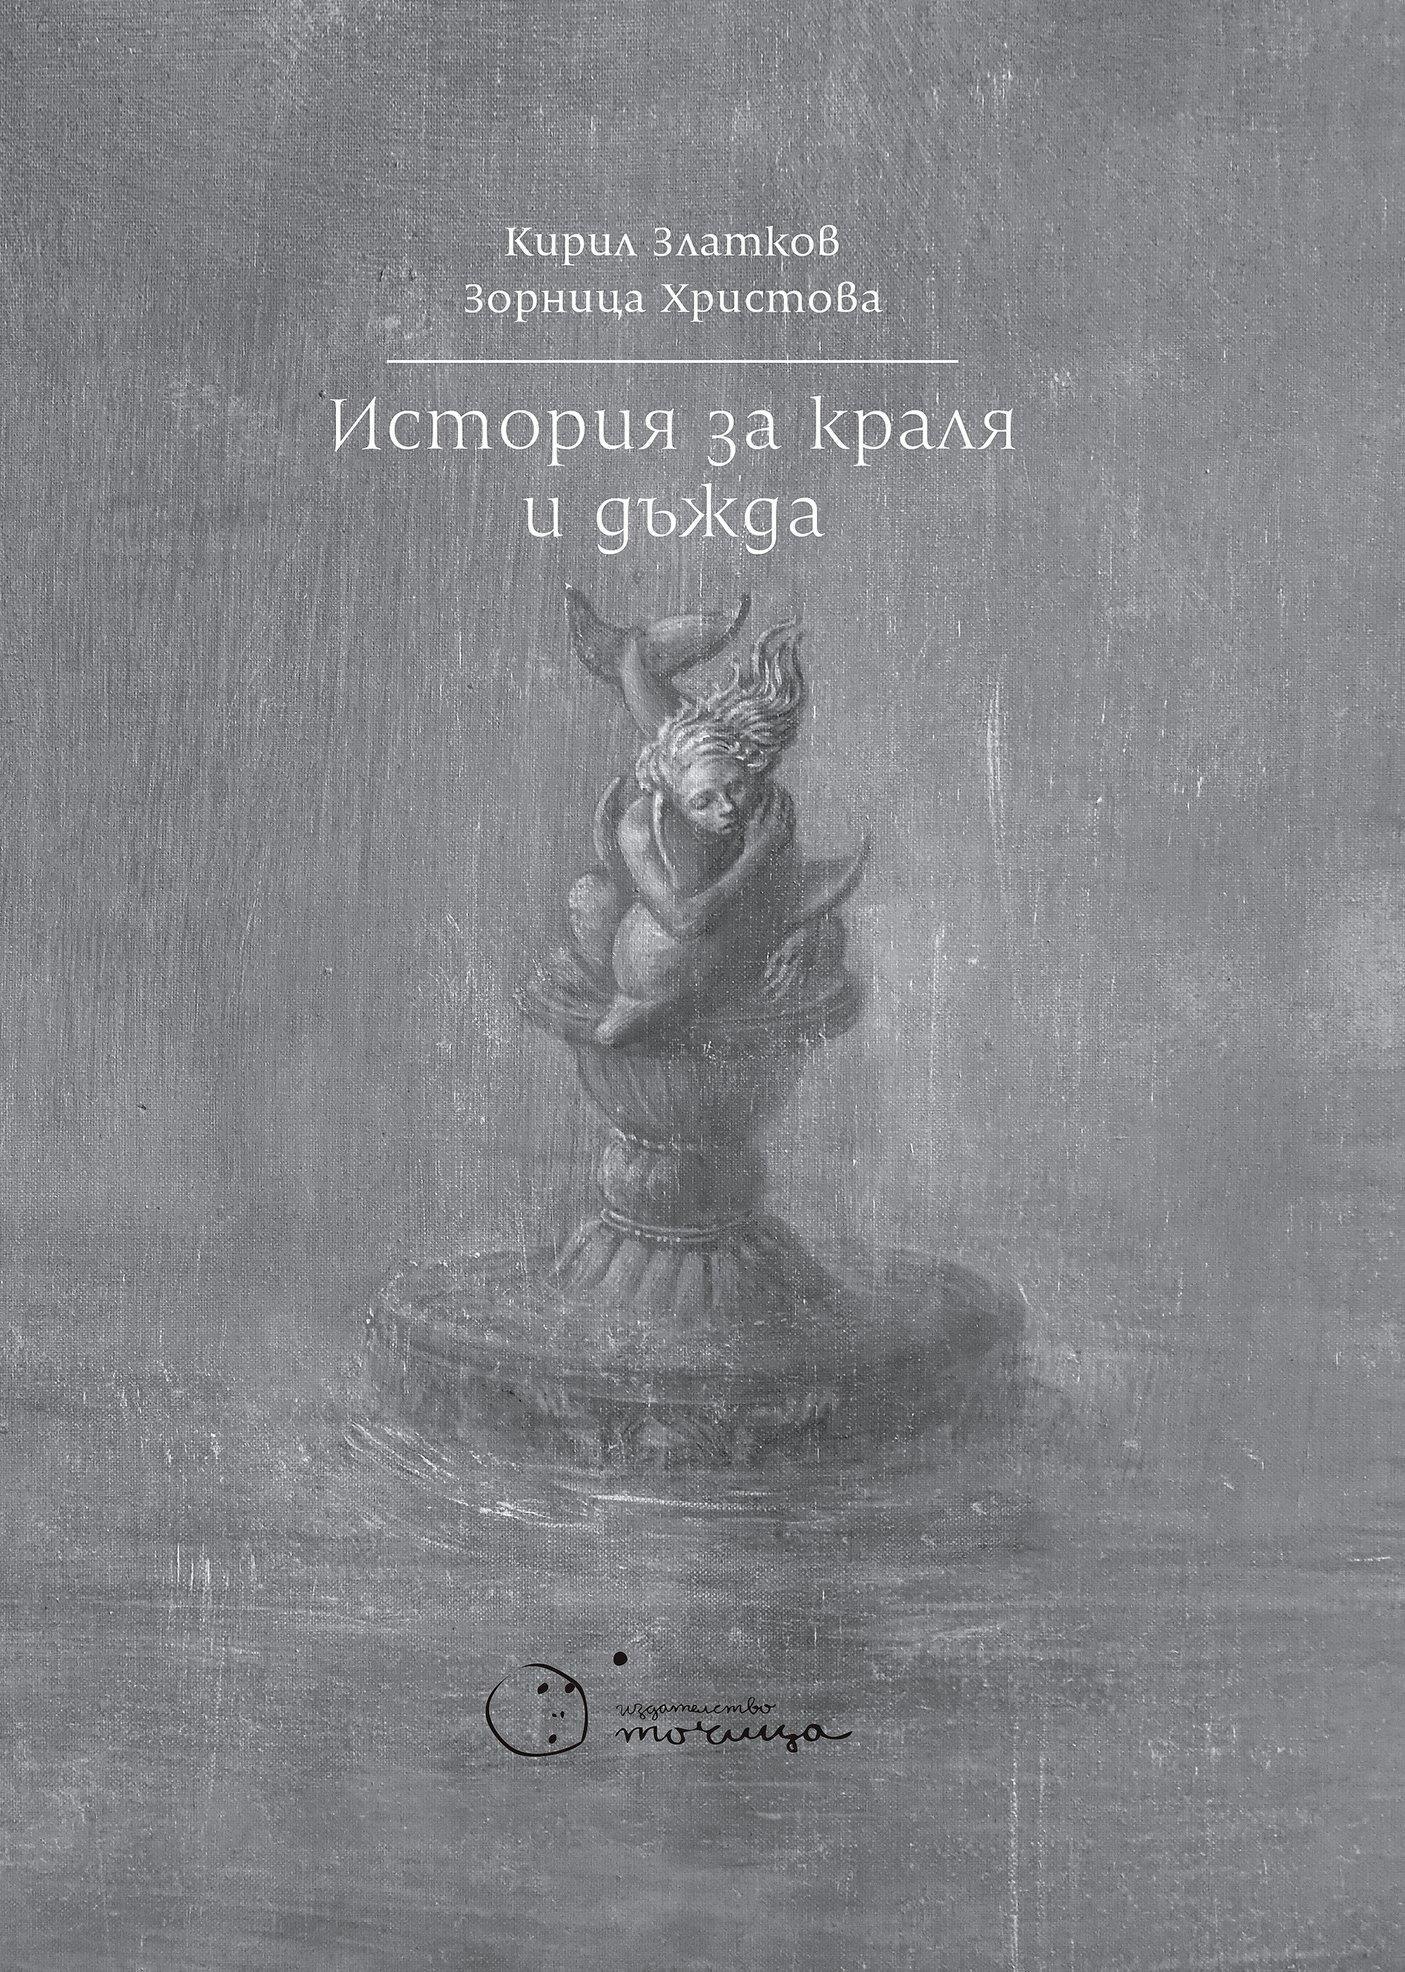 """Премиера на книгата """"История за краля и дъжда"""" от Кирил Златков и Зорница Христова"""